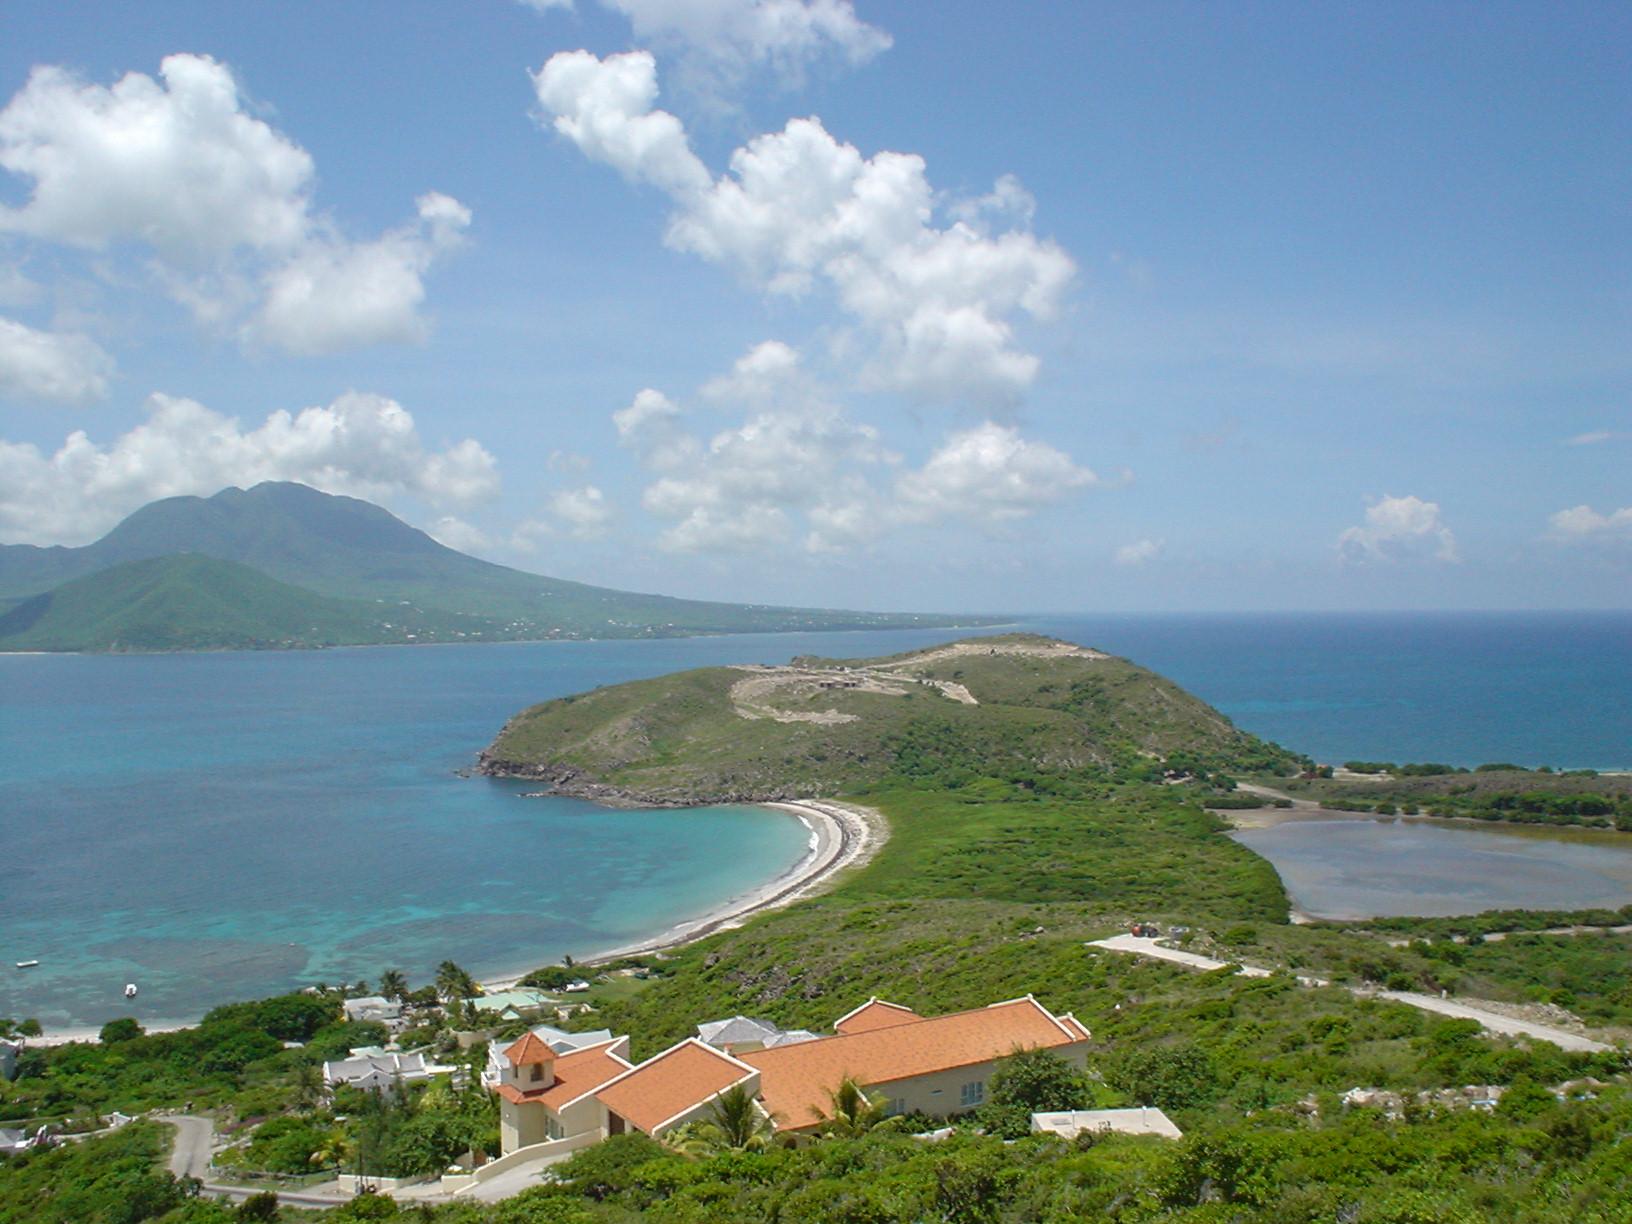 Udsyn fra St. Kitts til Nevis. Foto: www.wikipedia.org